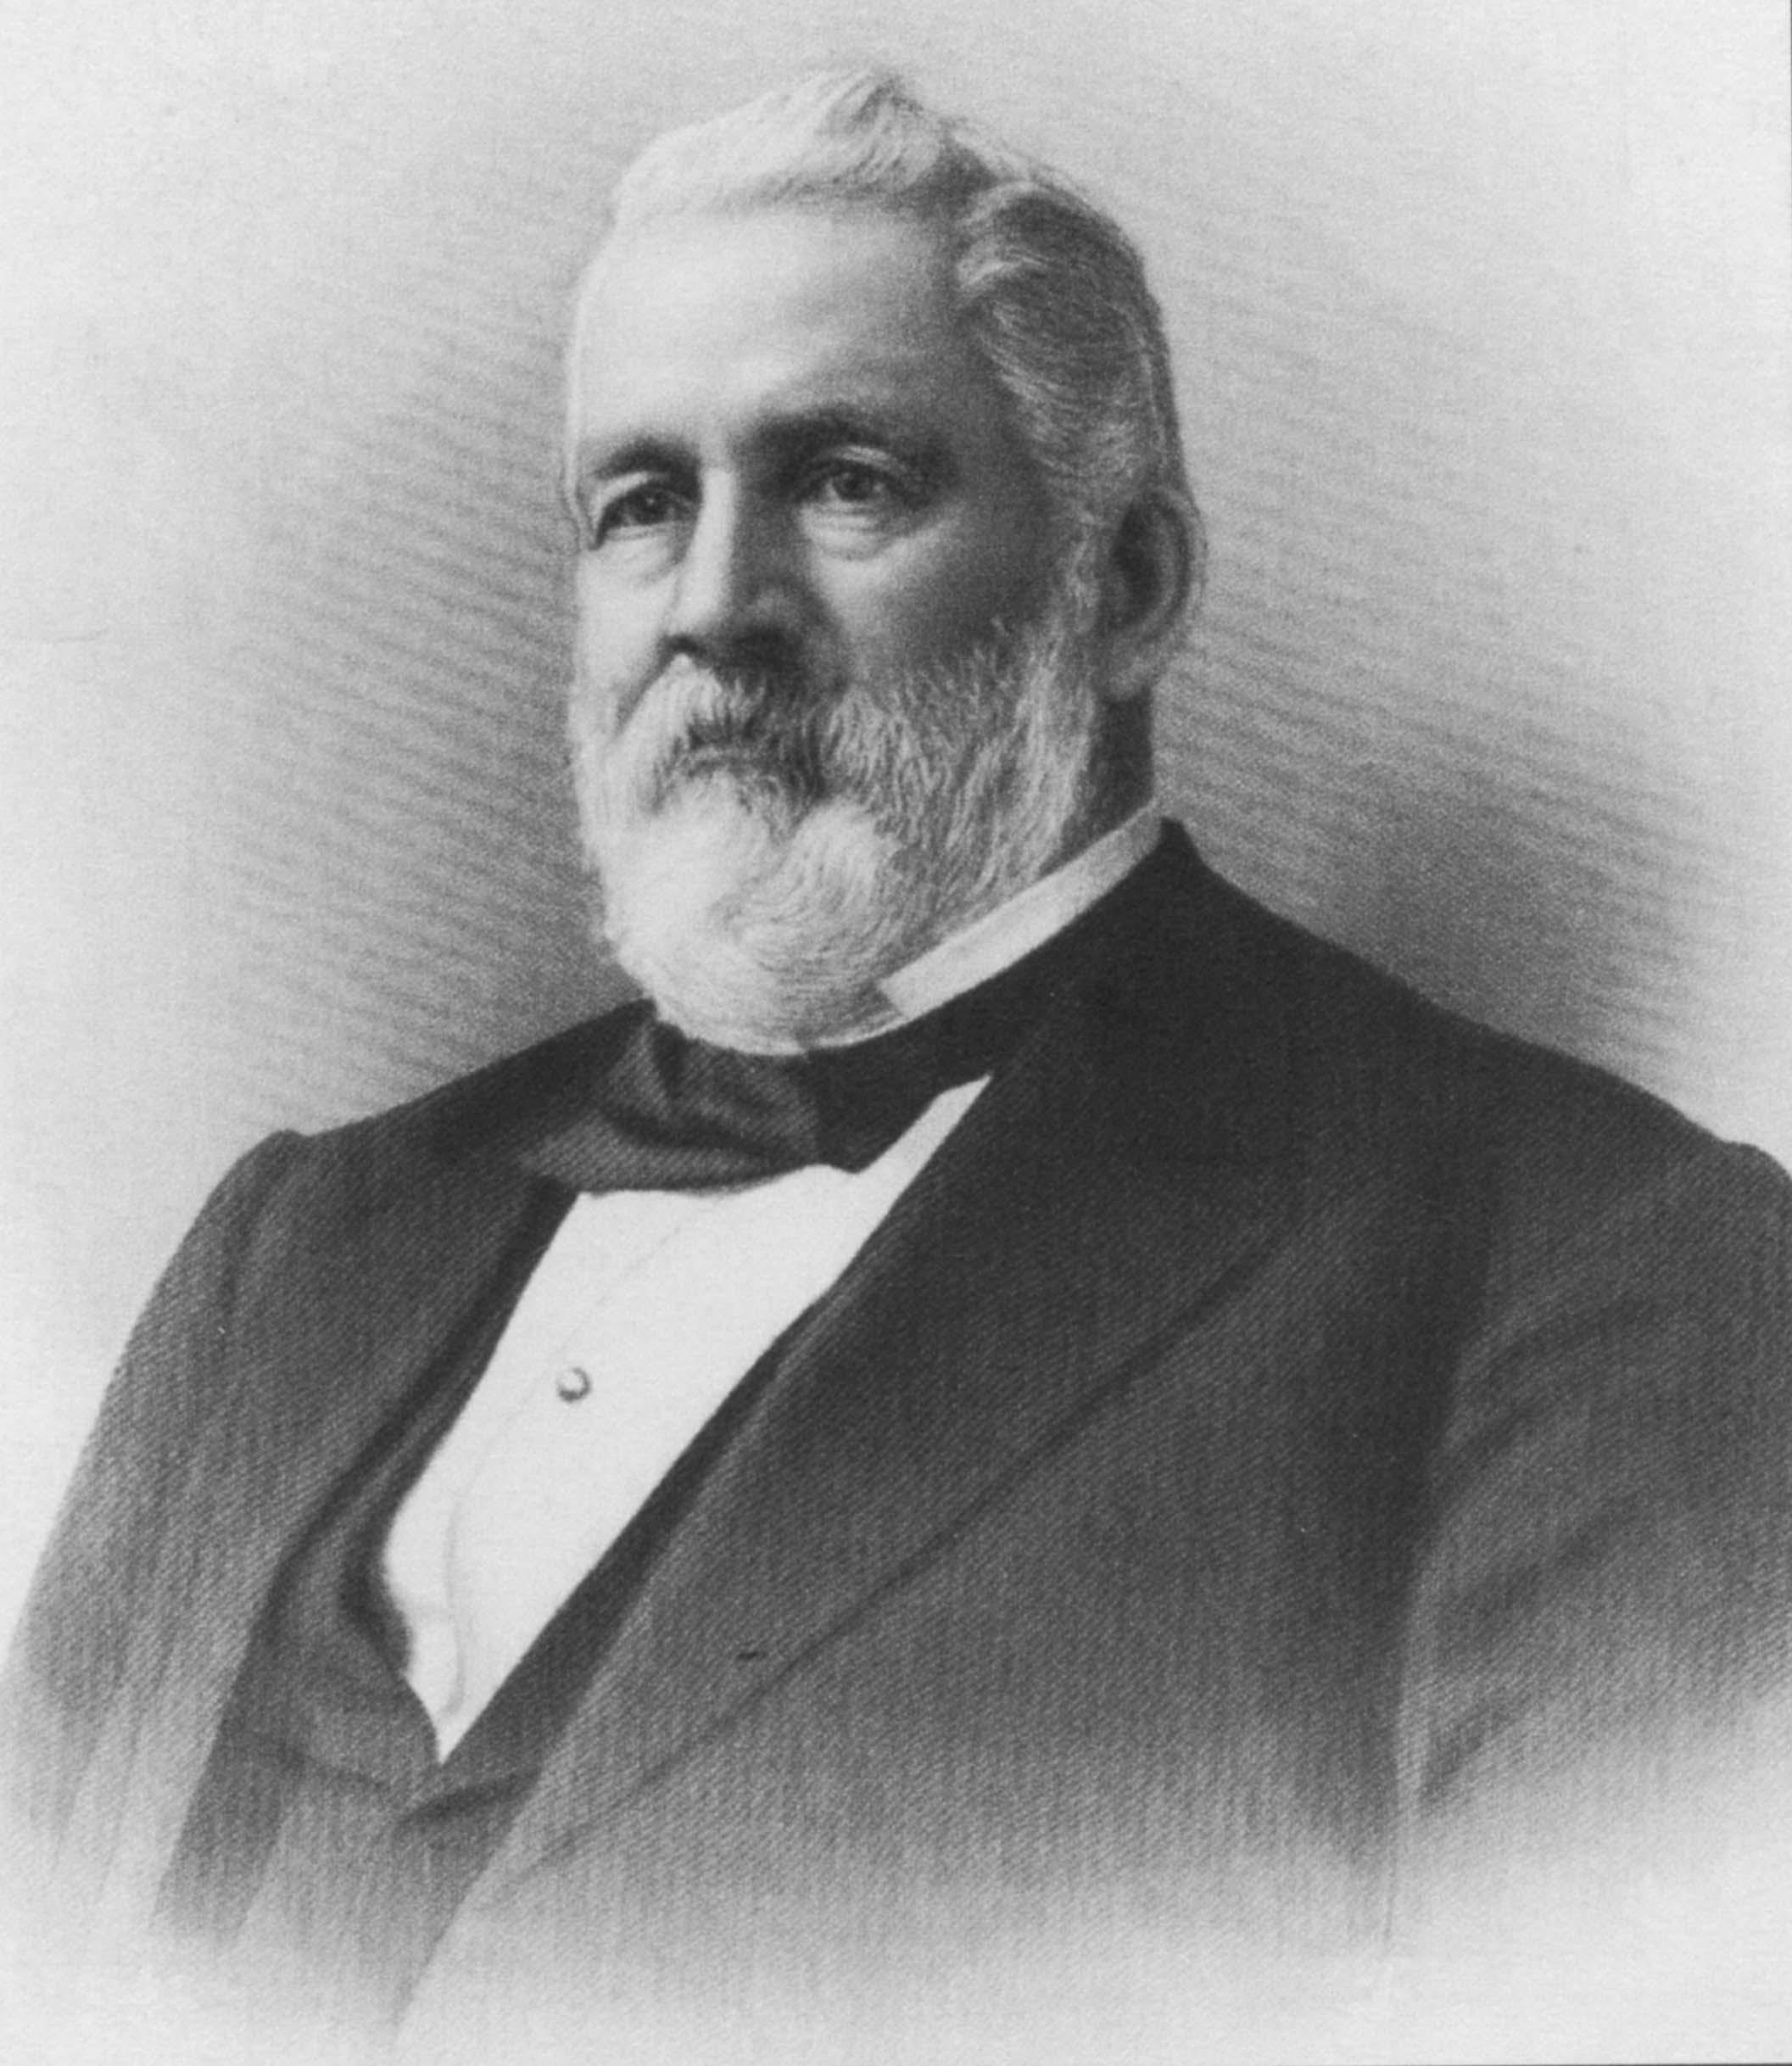 Charles Talcott